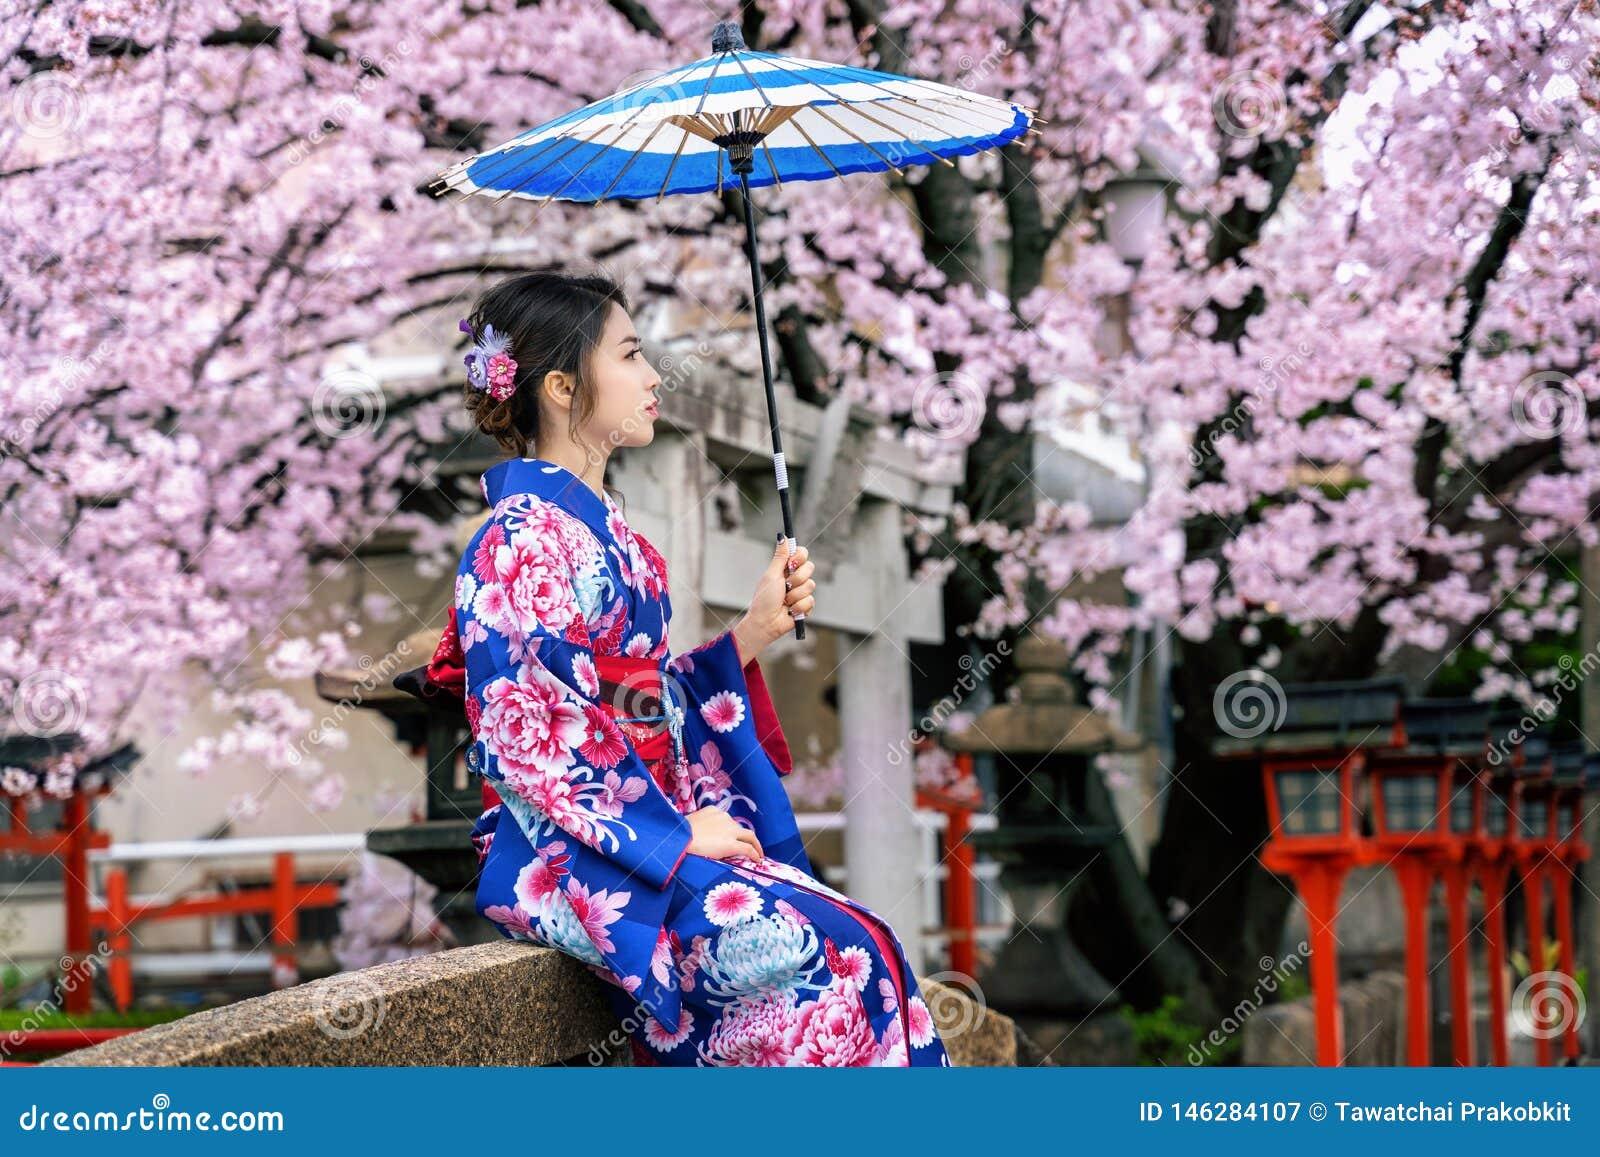 De Aziatische vrouw Japanse traditionele kimono dragen en de kers die komen in de lente, de tempel van Kyoto in Japan tot bloei